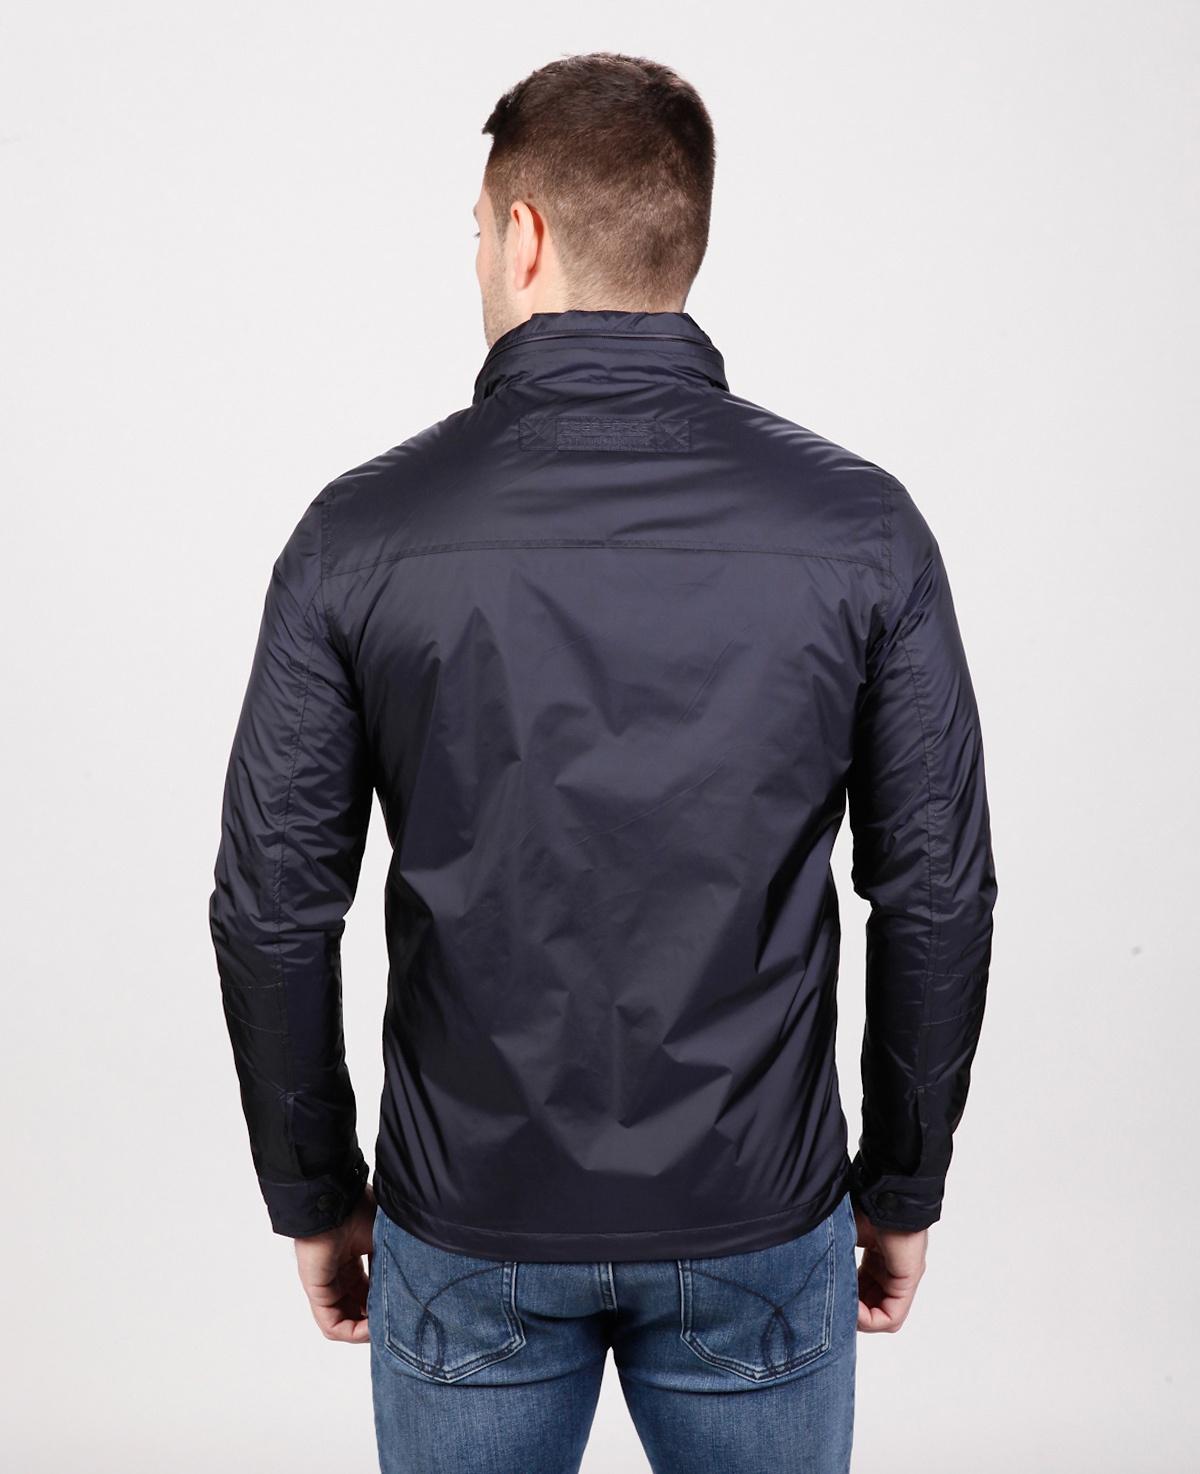 куртка темно-синяя tiger force 51174 Tiger Force куртки и ветровки 51174